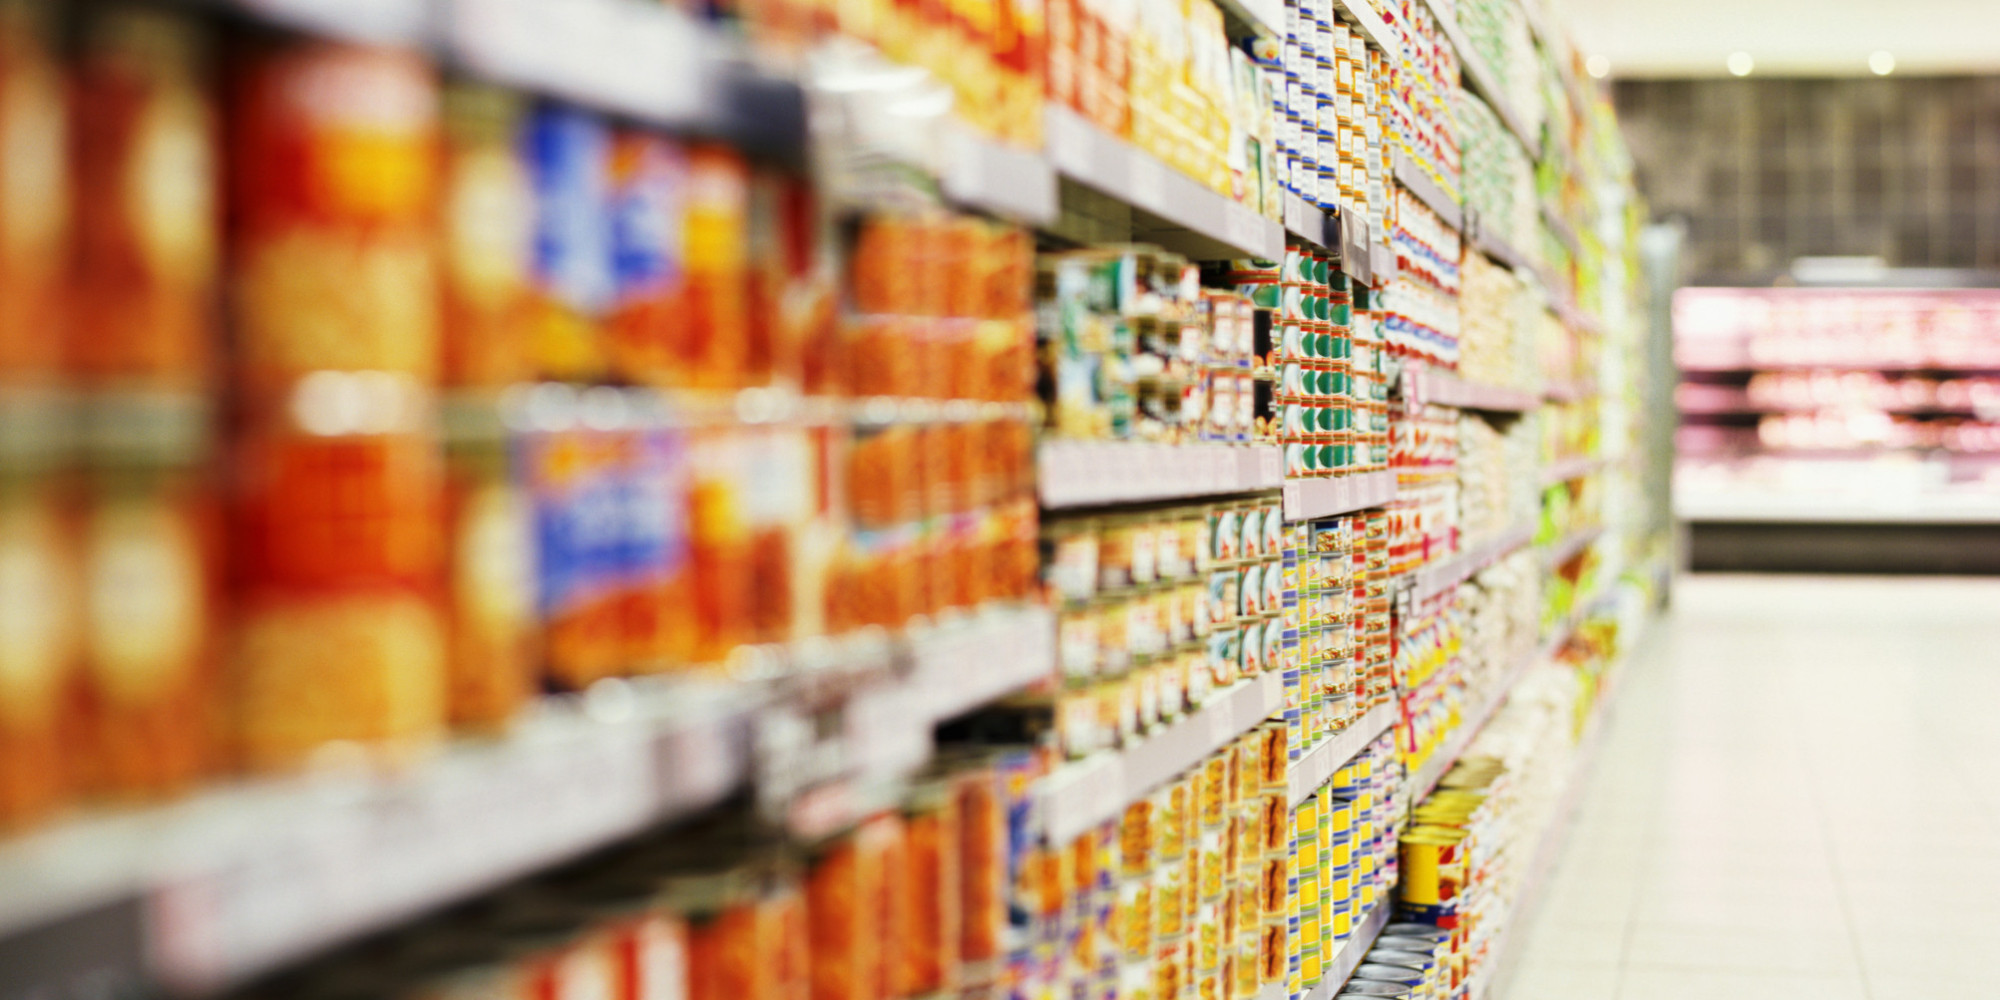 Trucos de los supermercados para que compremos más